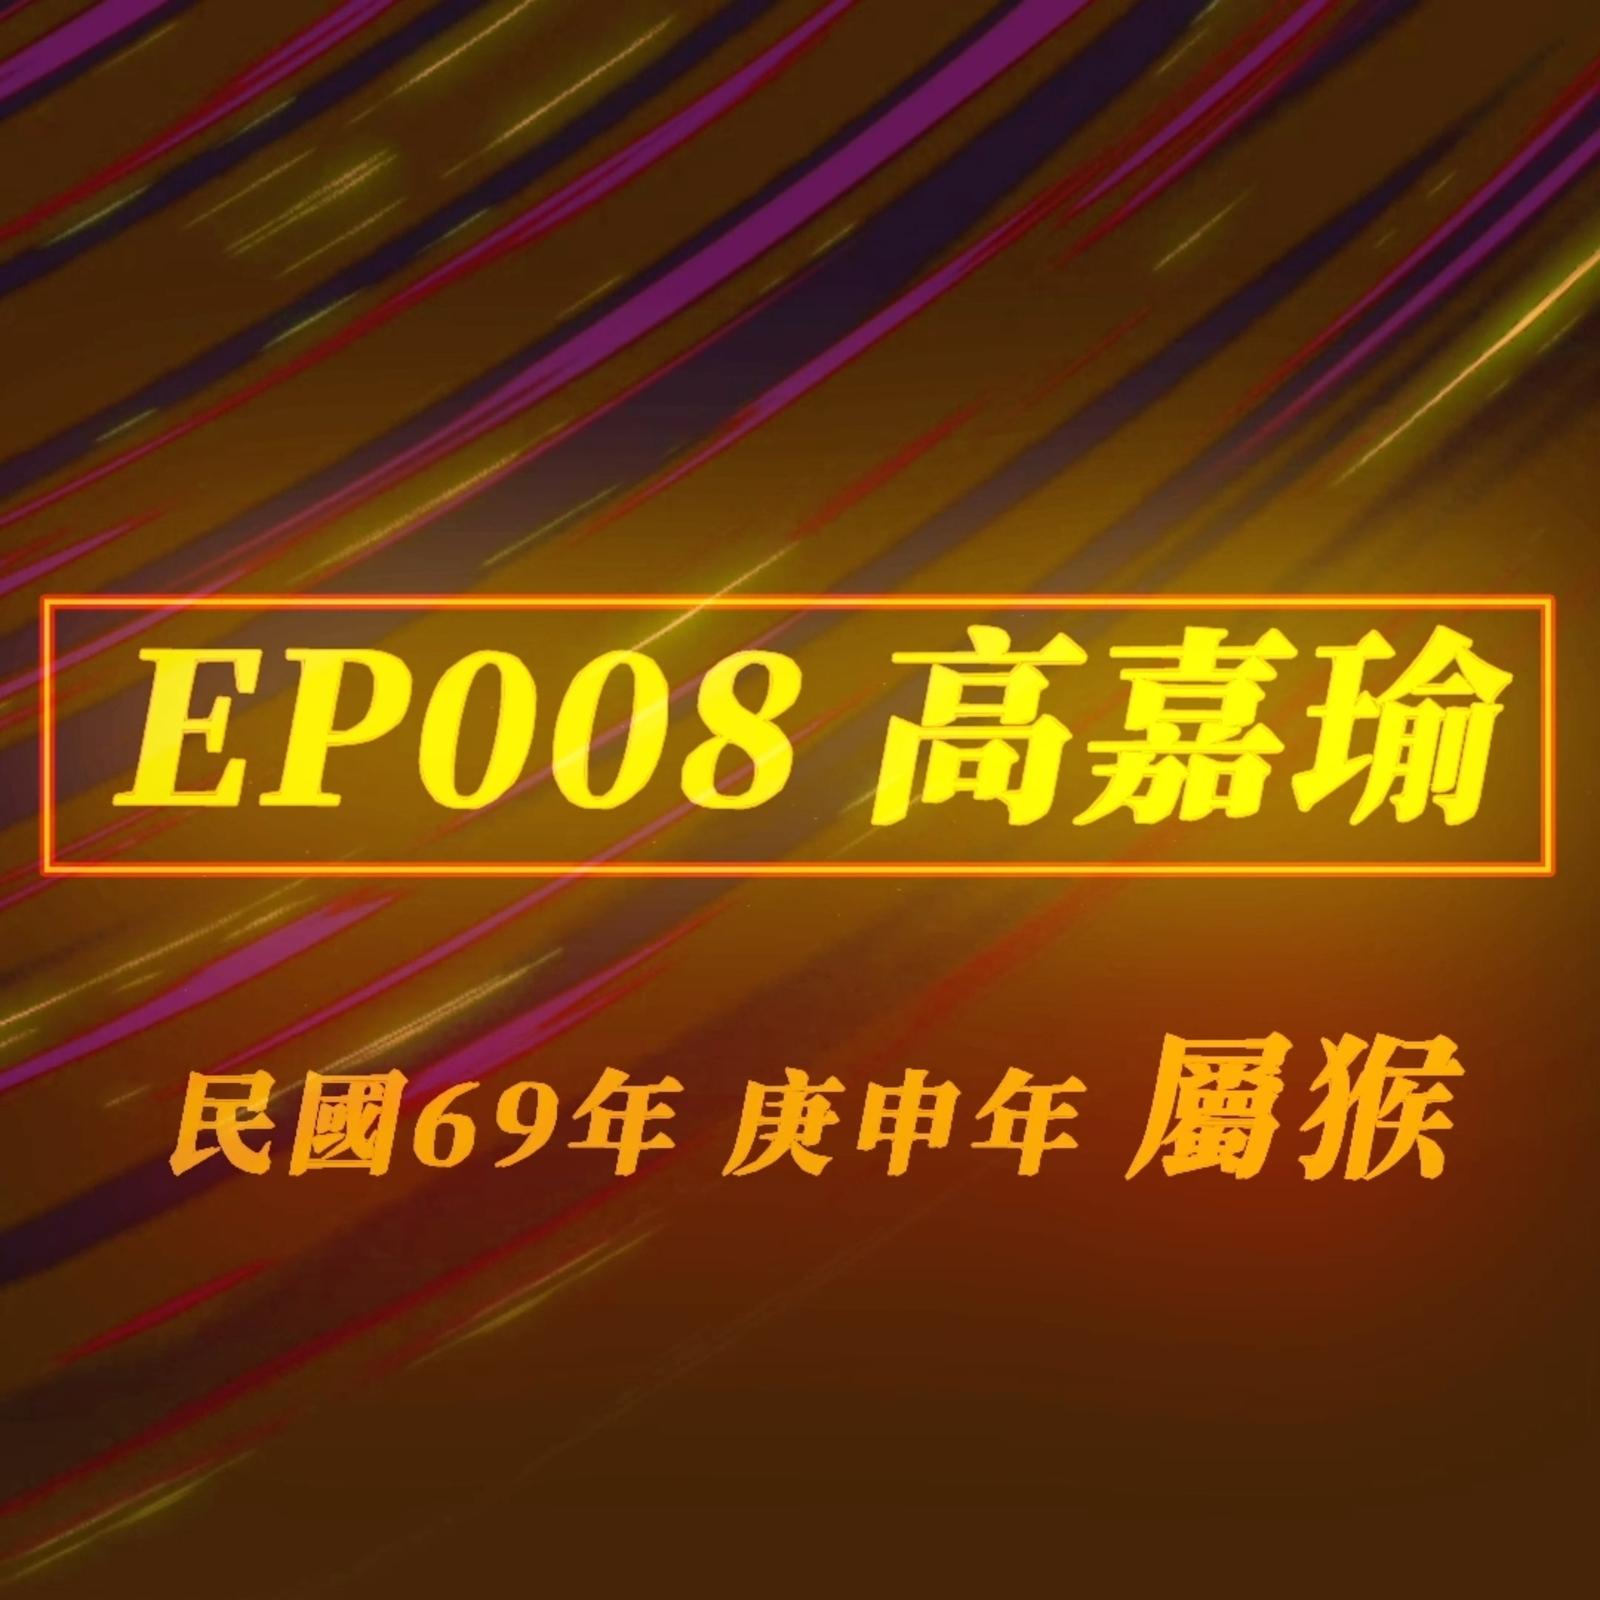 【EP008】高嘉瑜‧派系中的孤鳥|甚麼樣的姓名元素造就了那顆公主頭以及那顆枕頭!?|焦點人物|政治加上姓名學,你也想逃脫命運的束縛嗎?